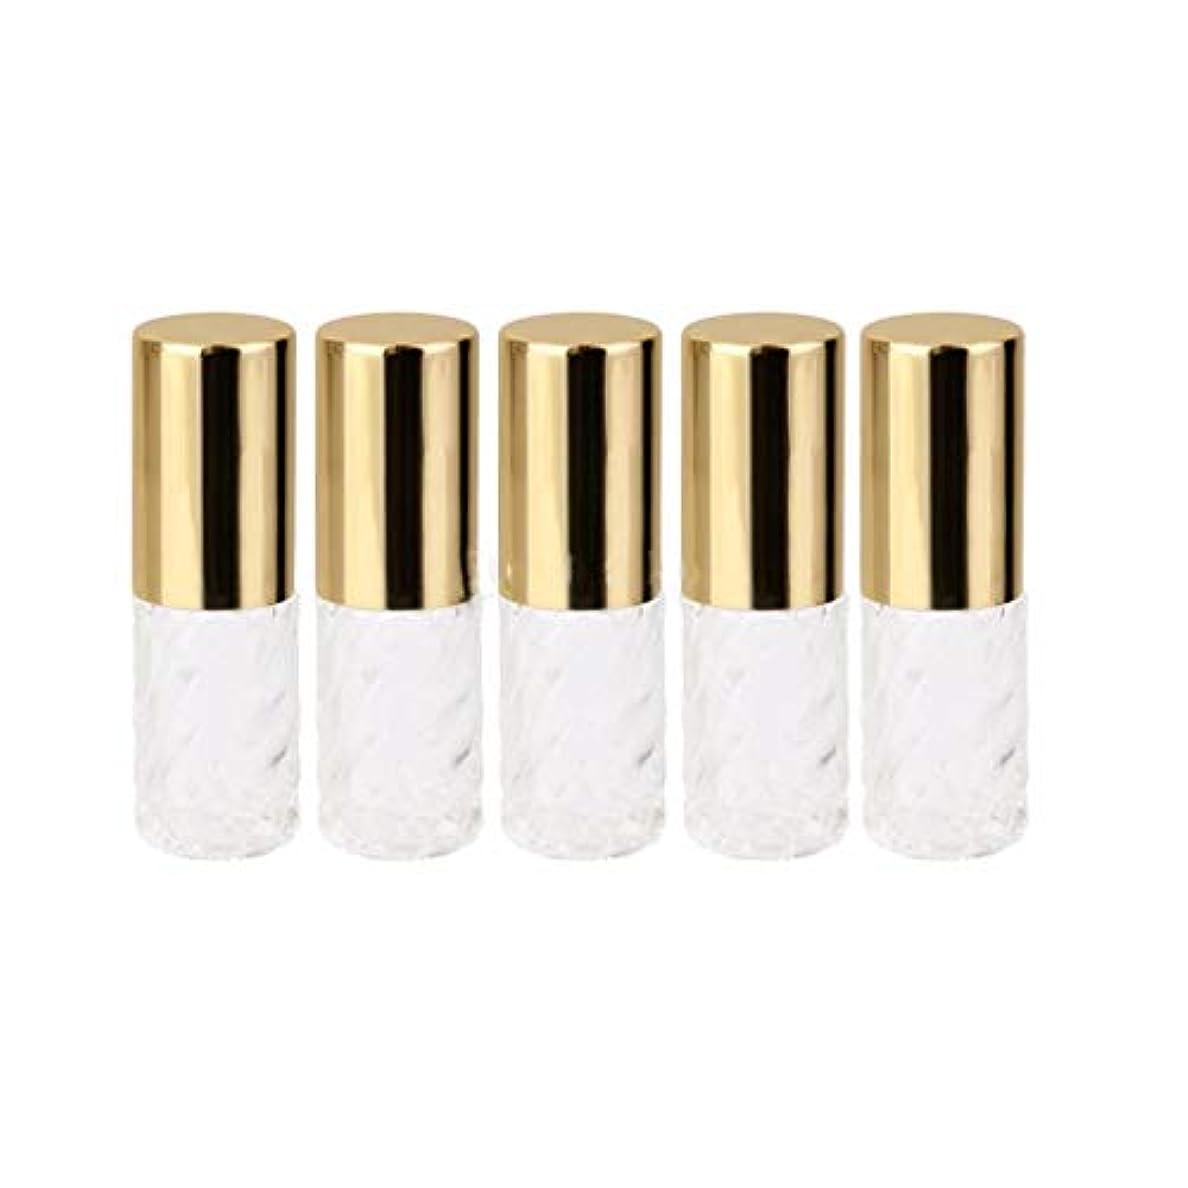 列挙する困惑するテクニカル5ピース   5ml ガラスローラーボトル 透明な交換旅行 空のロールオン ガラス香水瓶